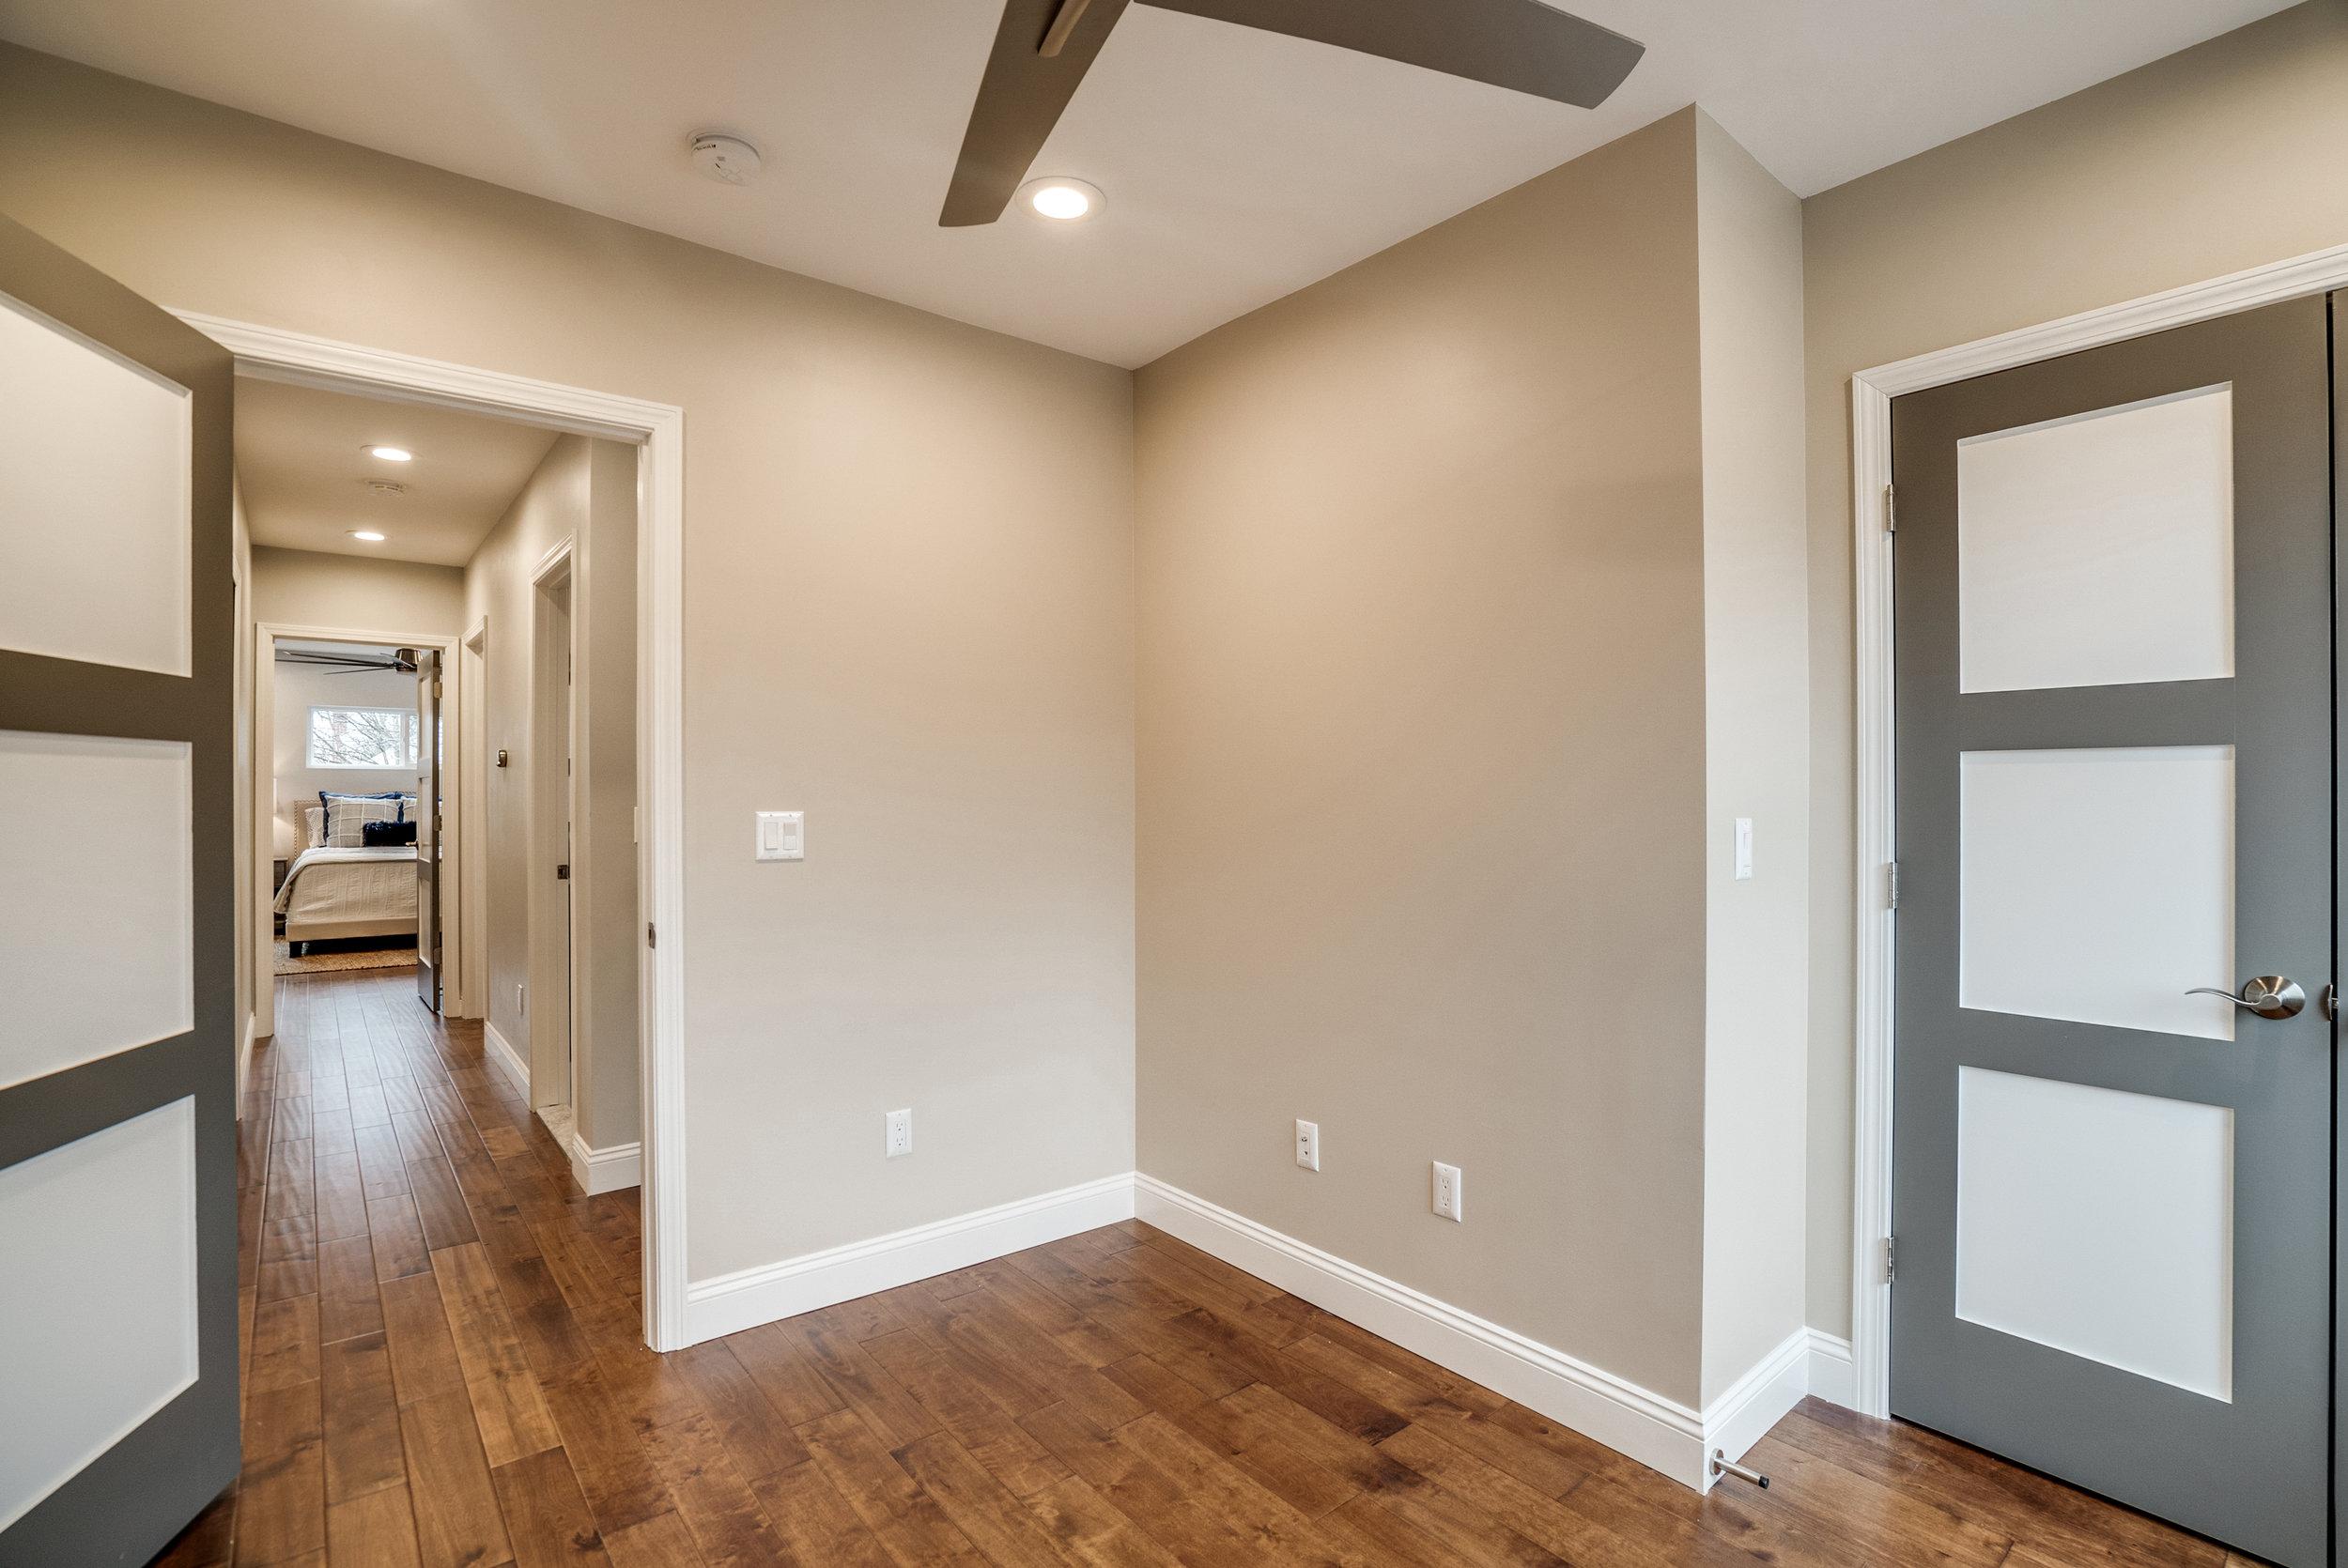 Interiors (30 of 49).jpg